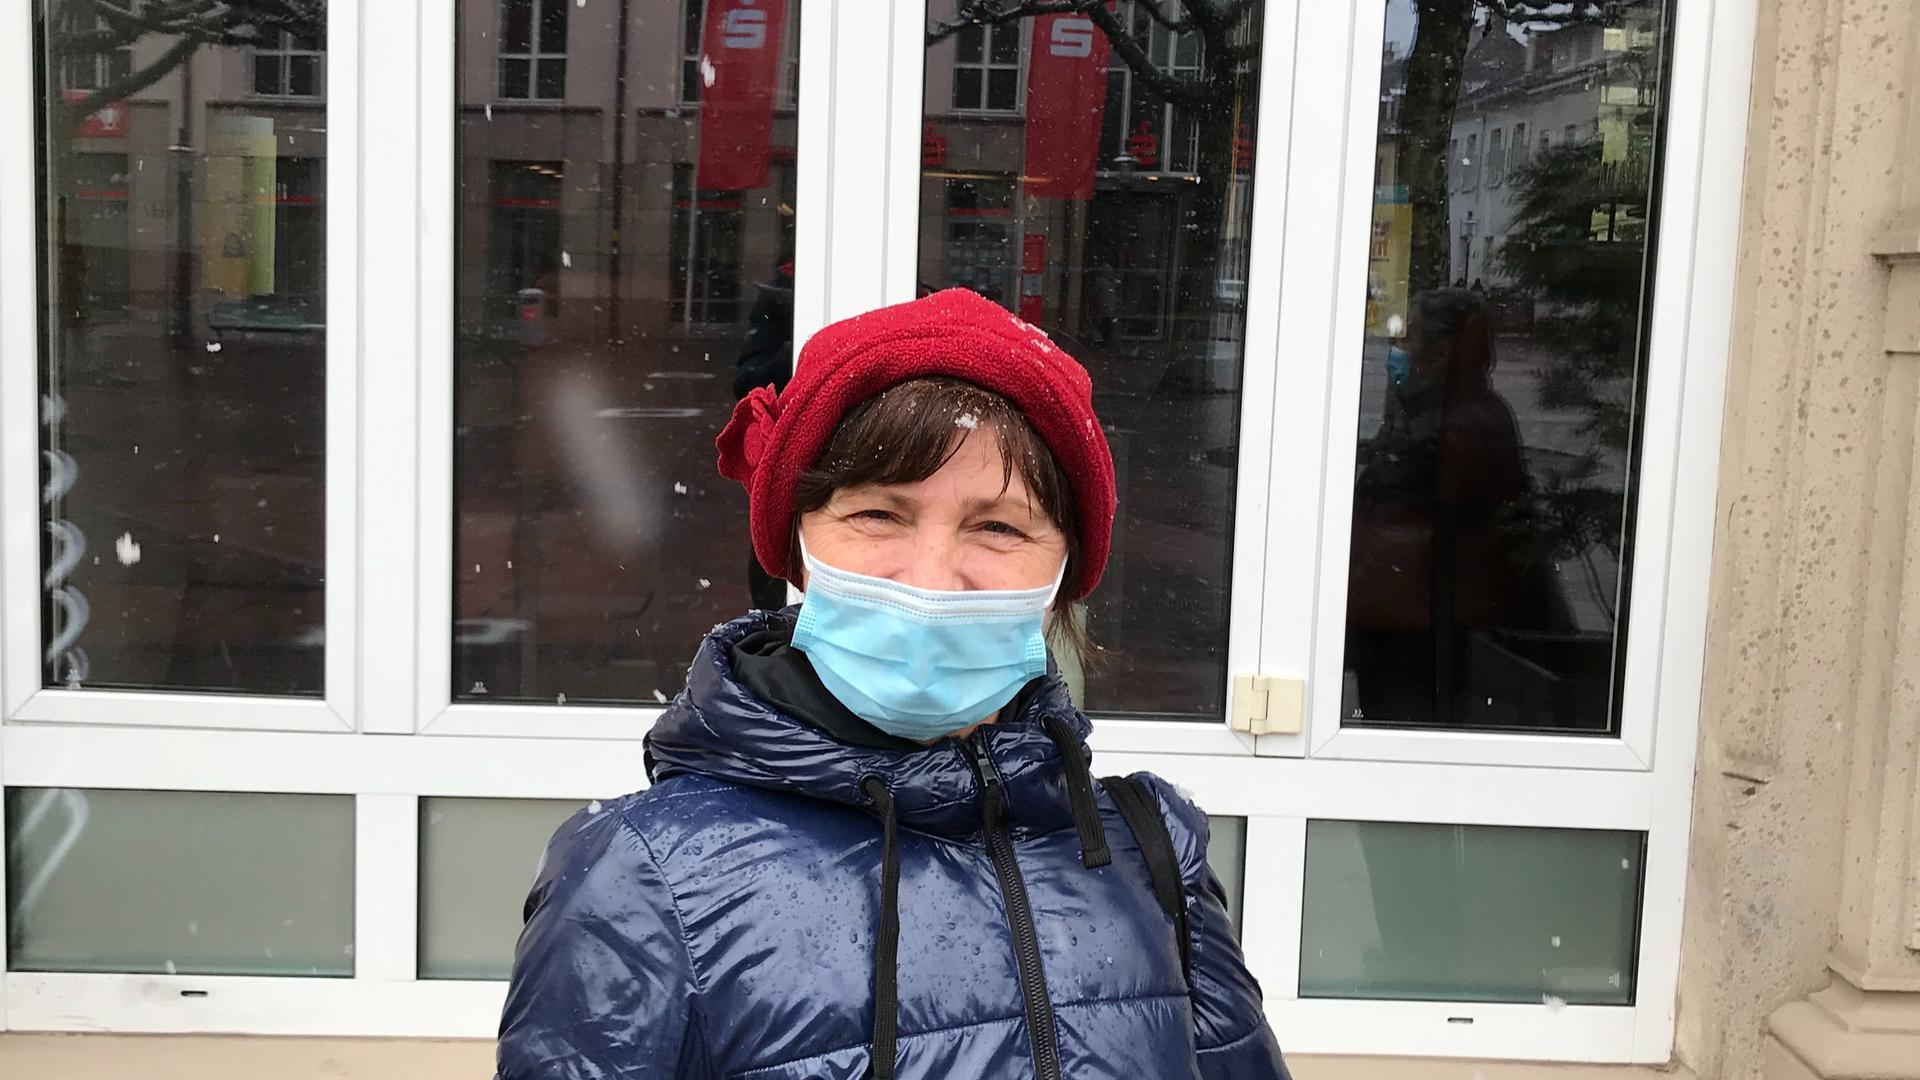 Marica Glavojic